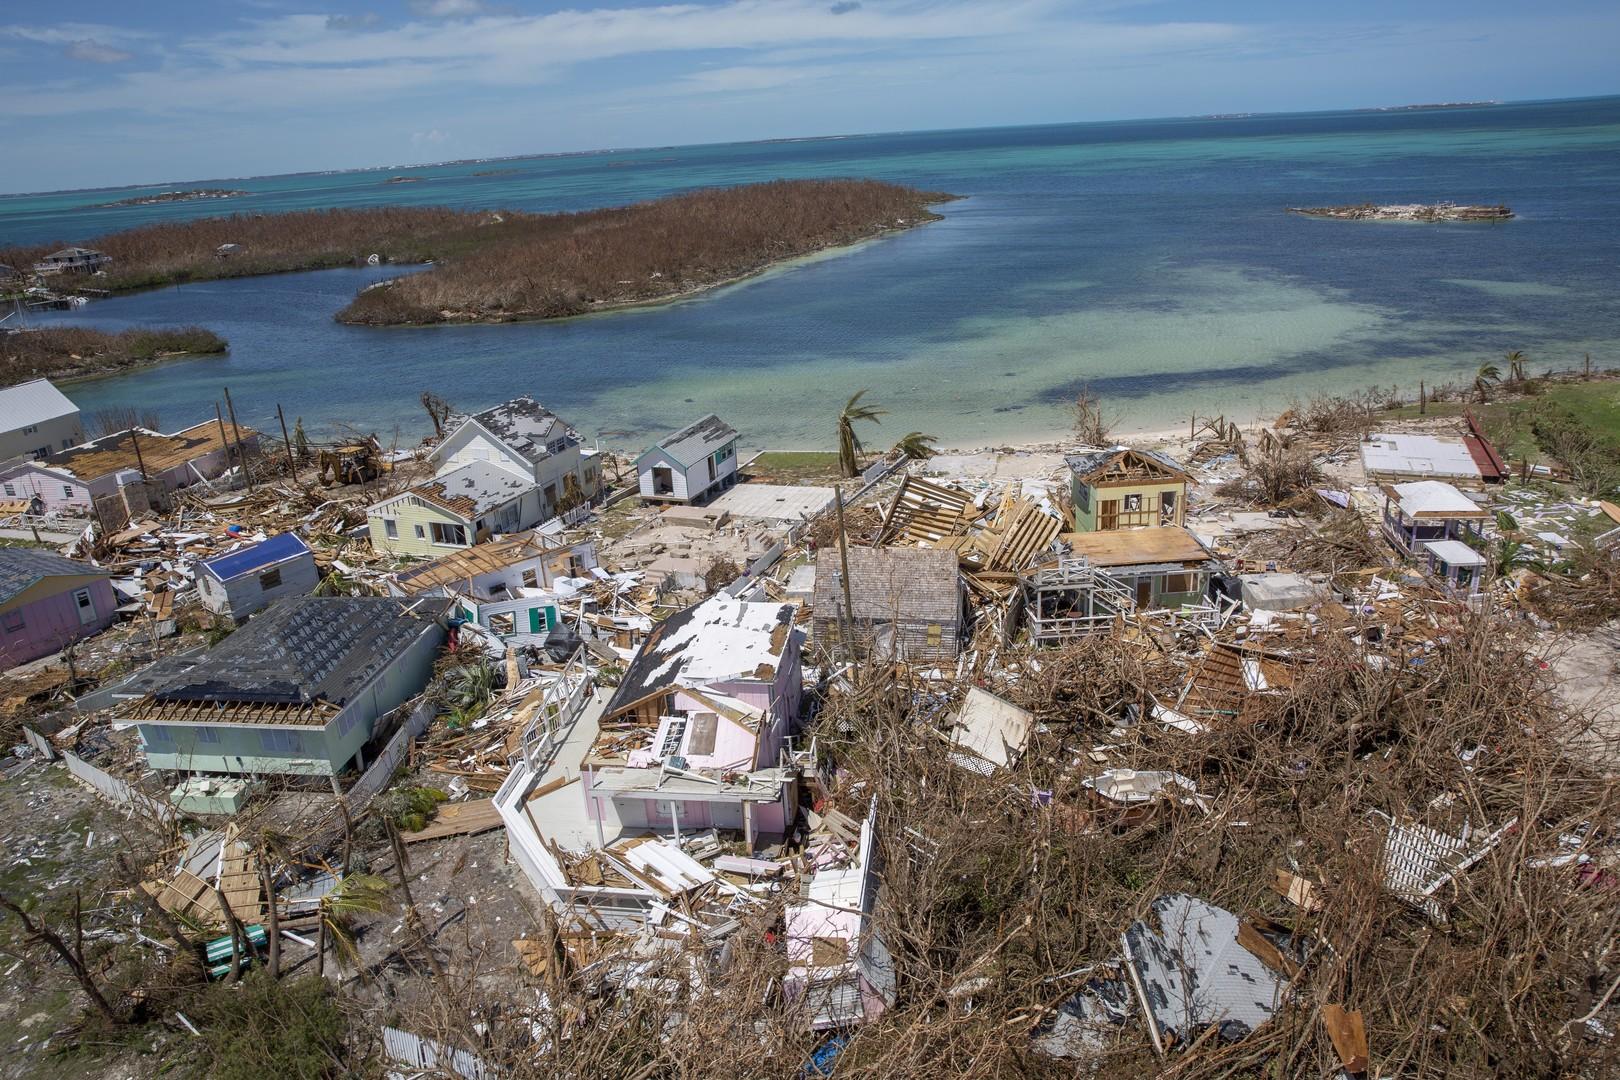 Désolation aux Bahamas après le passage de l'ouragan Dorian qui a fait au moins 40 morts (IMAGES)